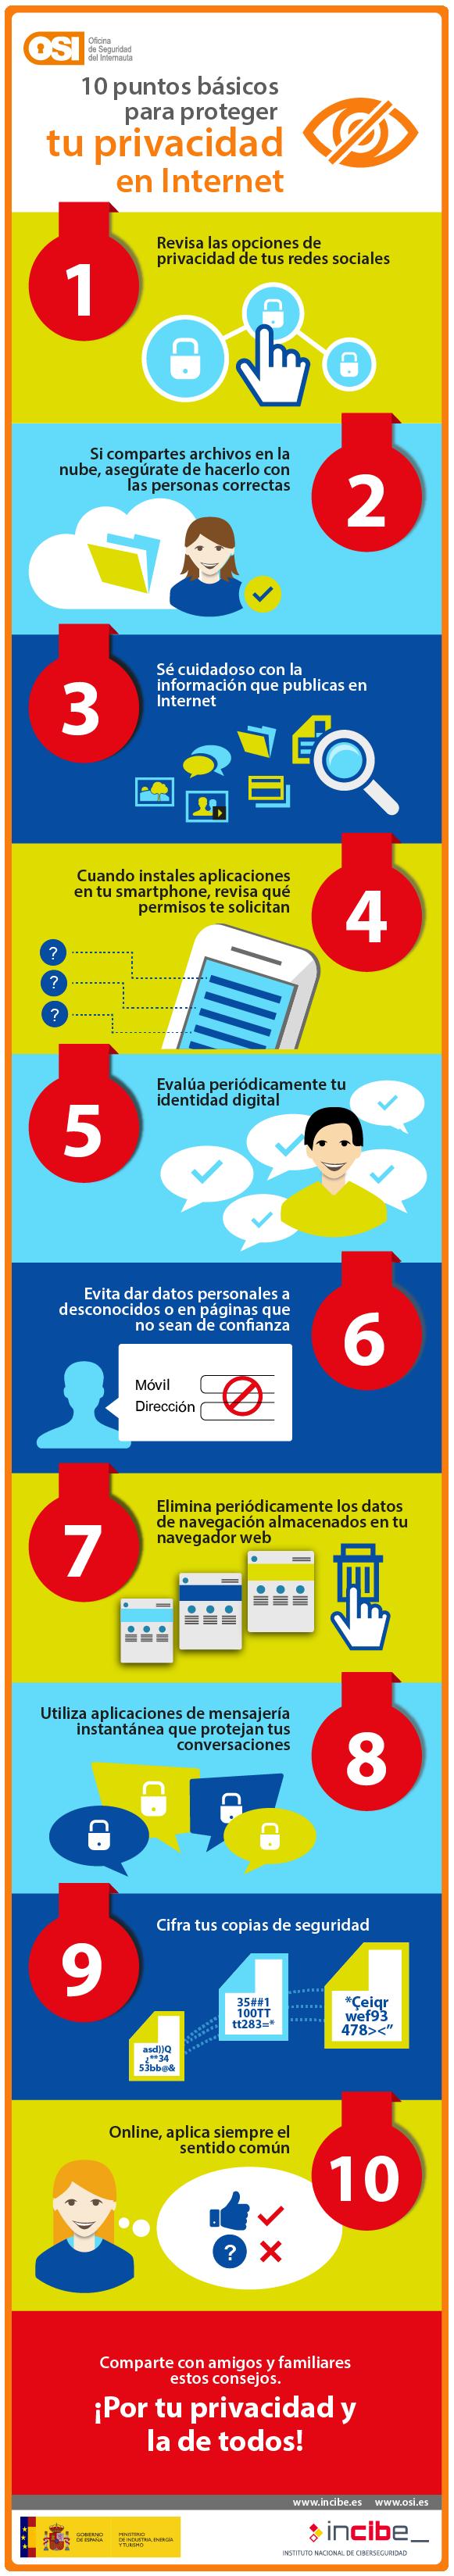 10 puntos básicos para proteger tu seguridad en Internet